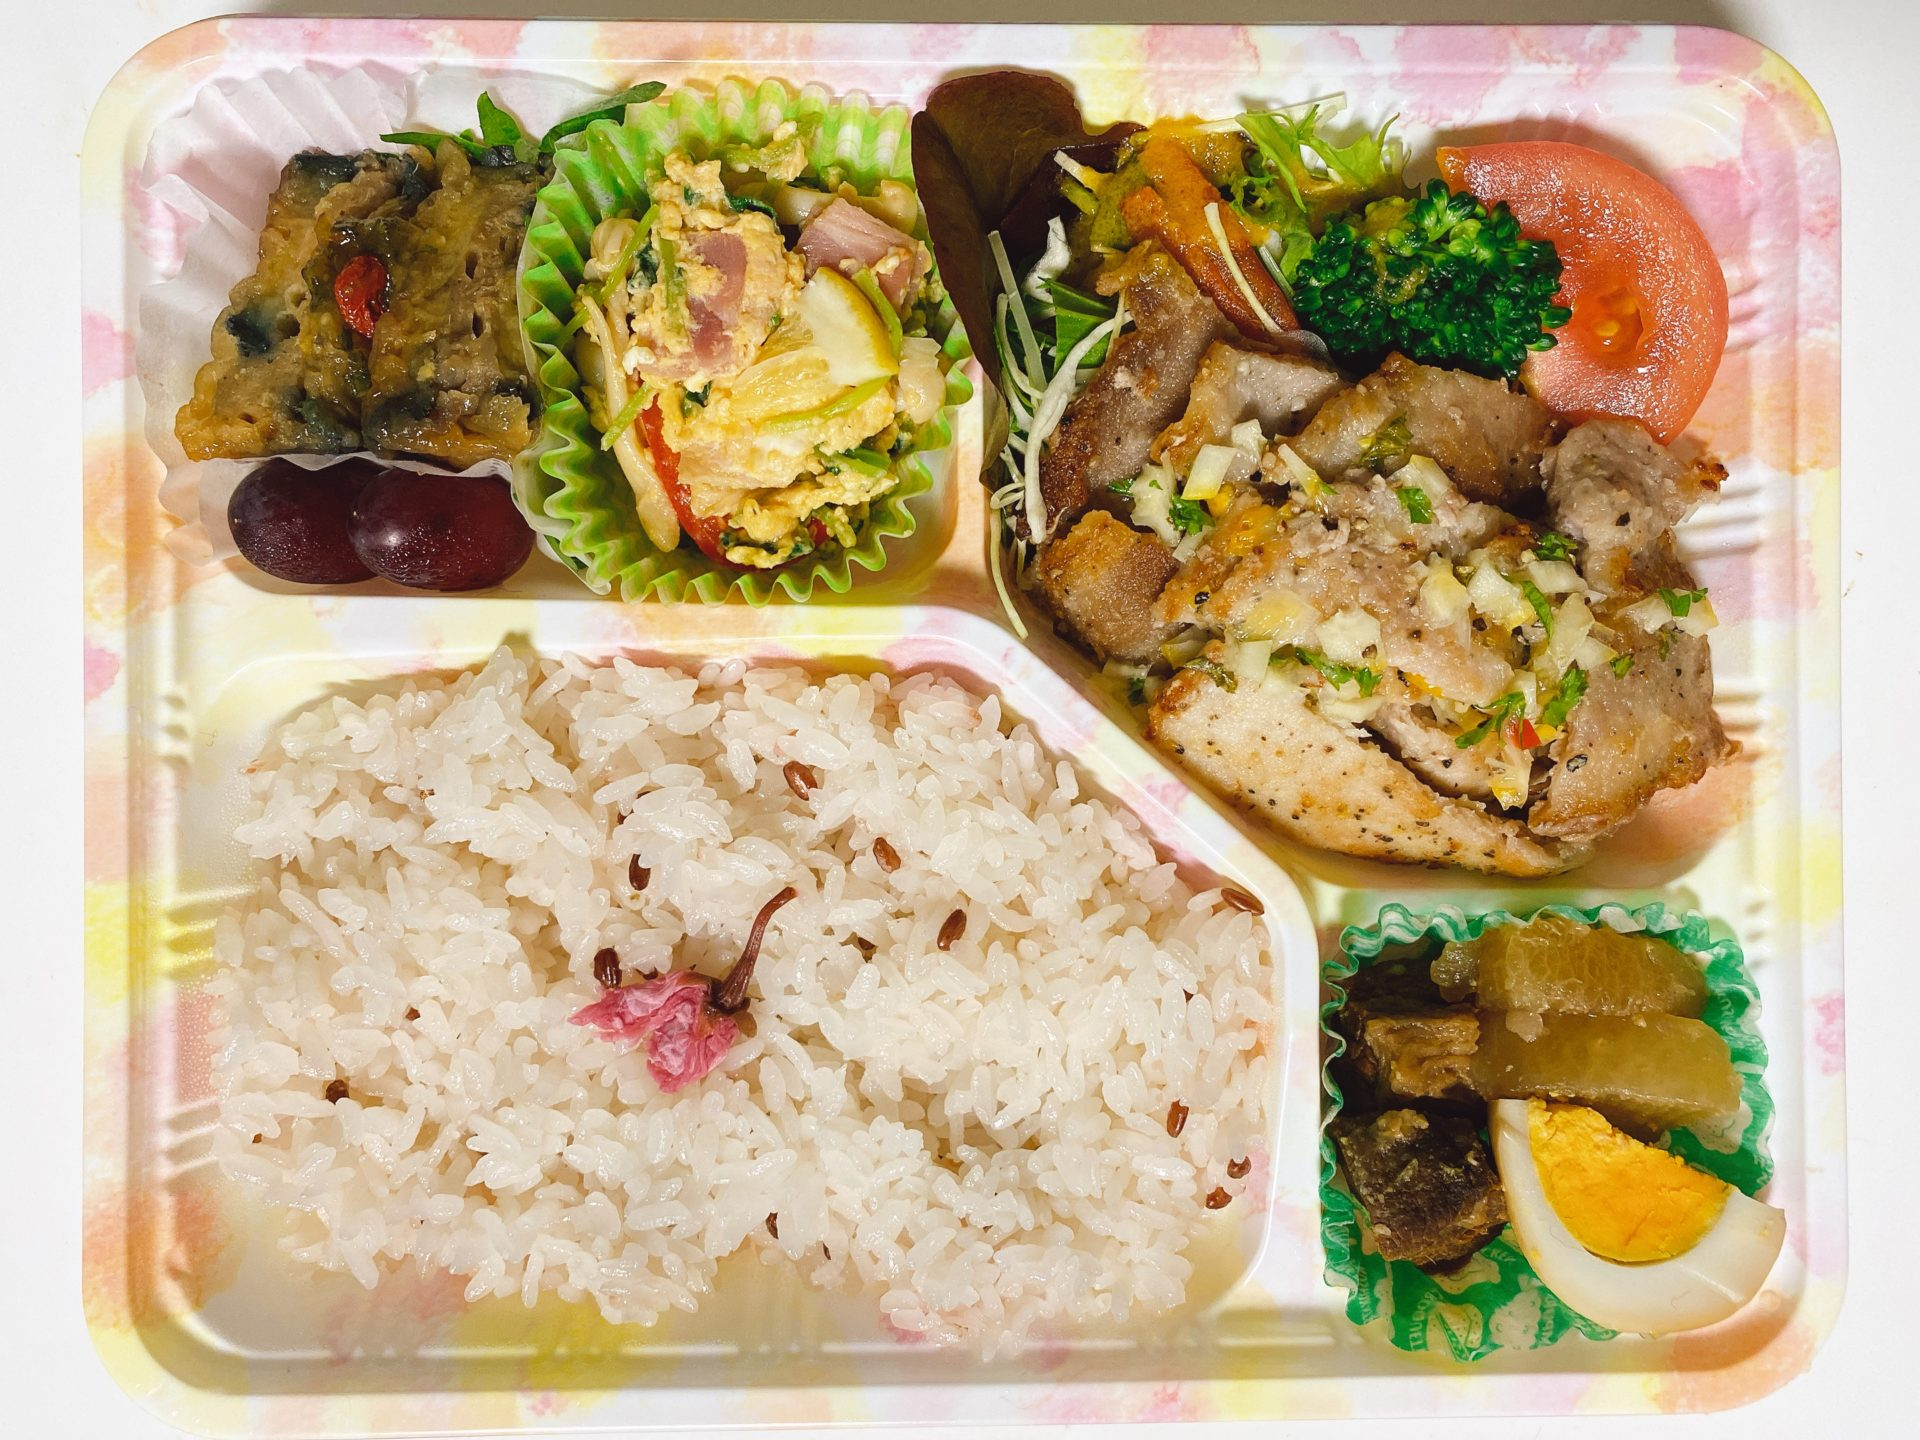 【岡山市東区のテイクアウト】上道駅から車で8分 梟のこども Another Sky のランチ弁当が美味しくて内容も充実、そしてコスパもいい!